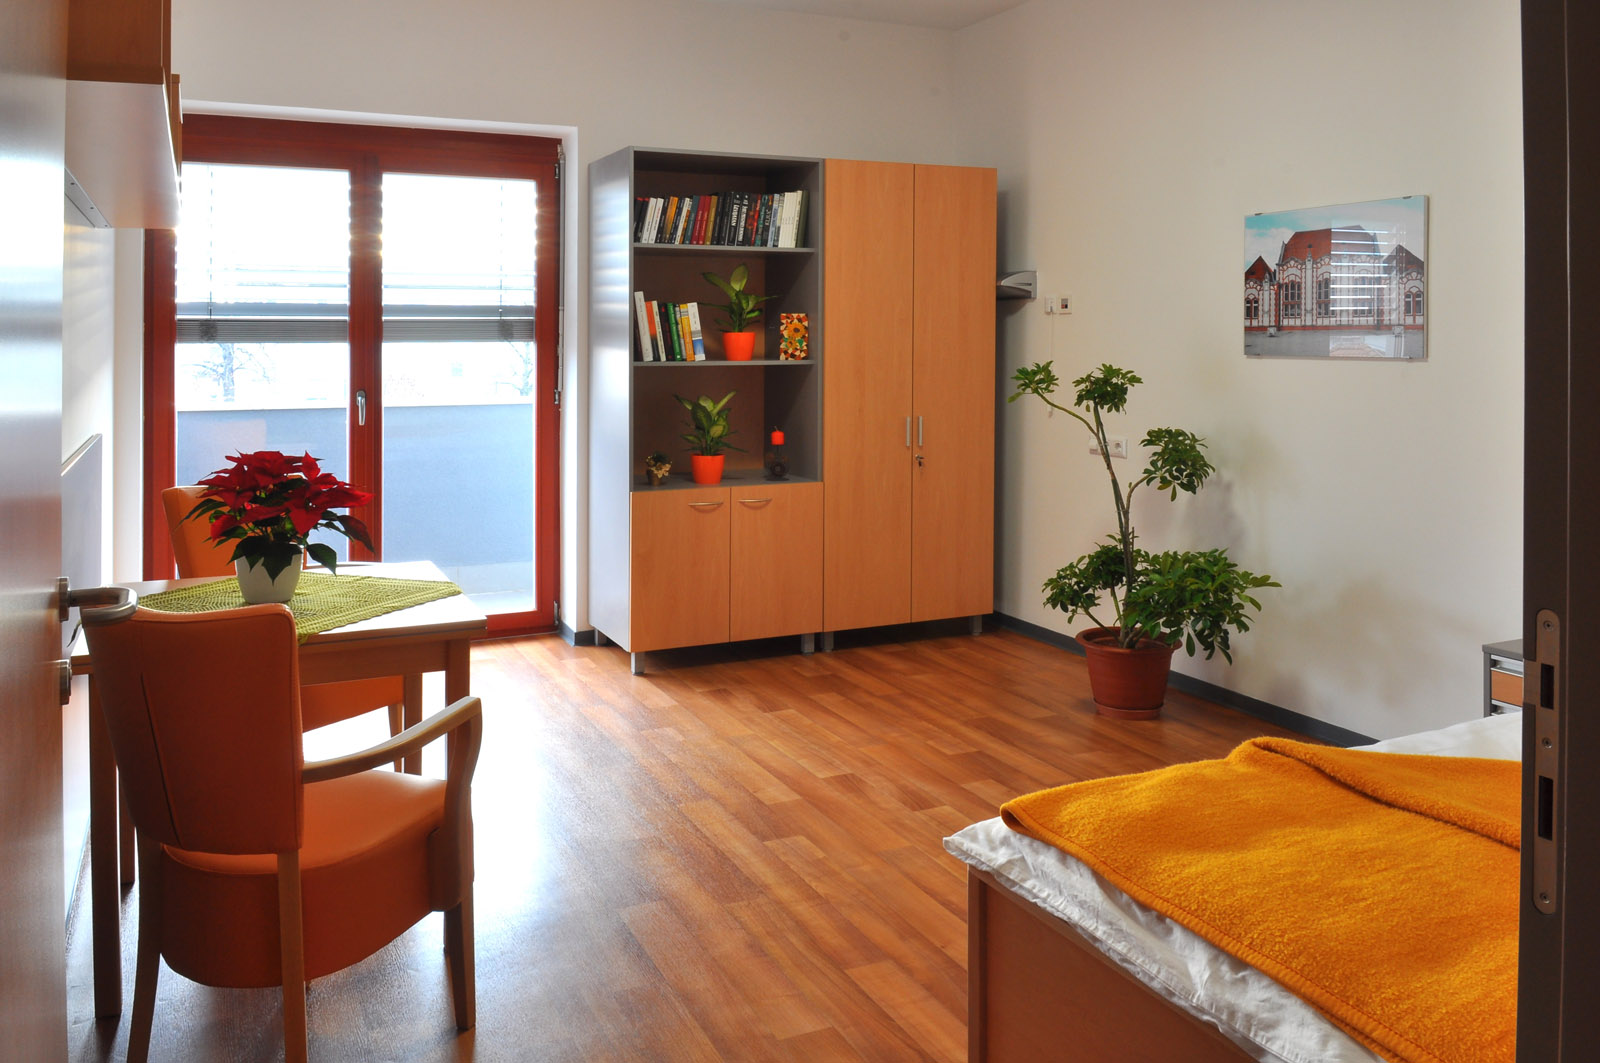 Jednokrevetna soba